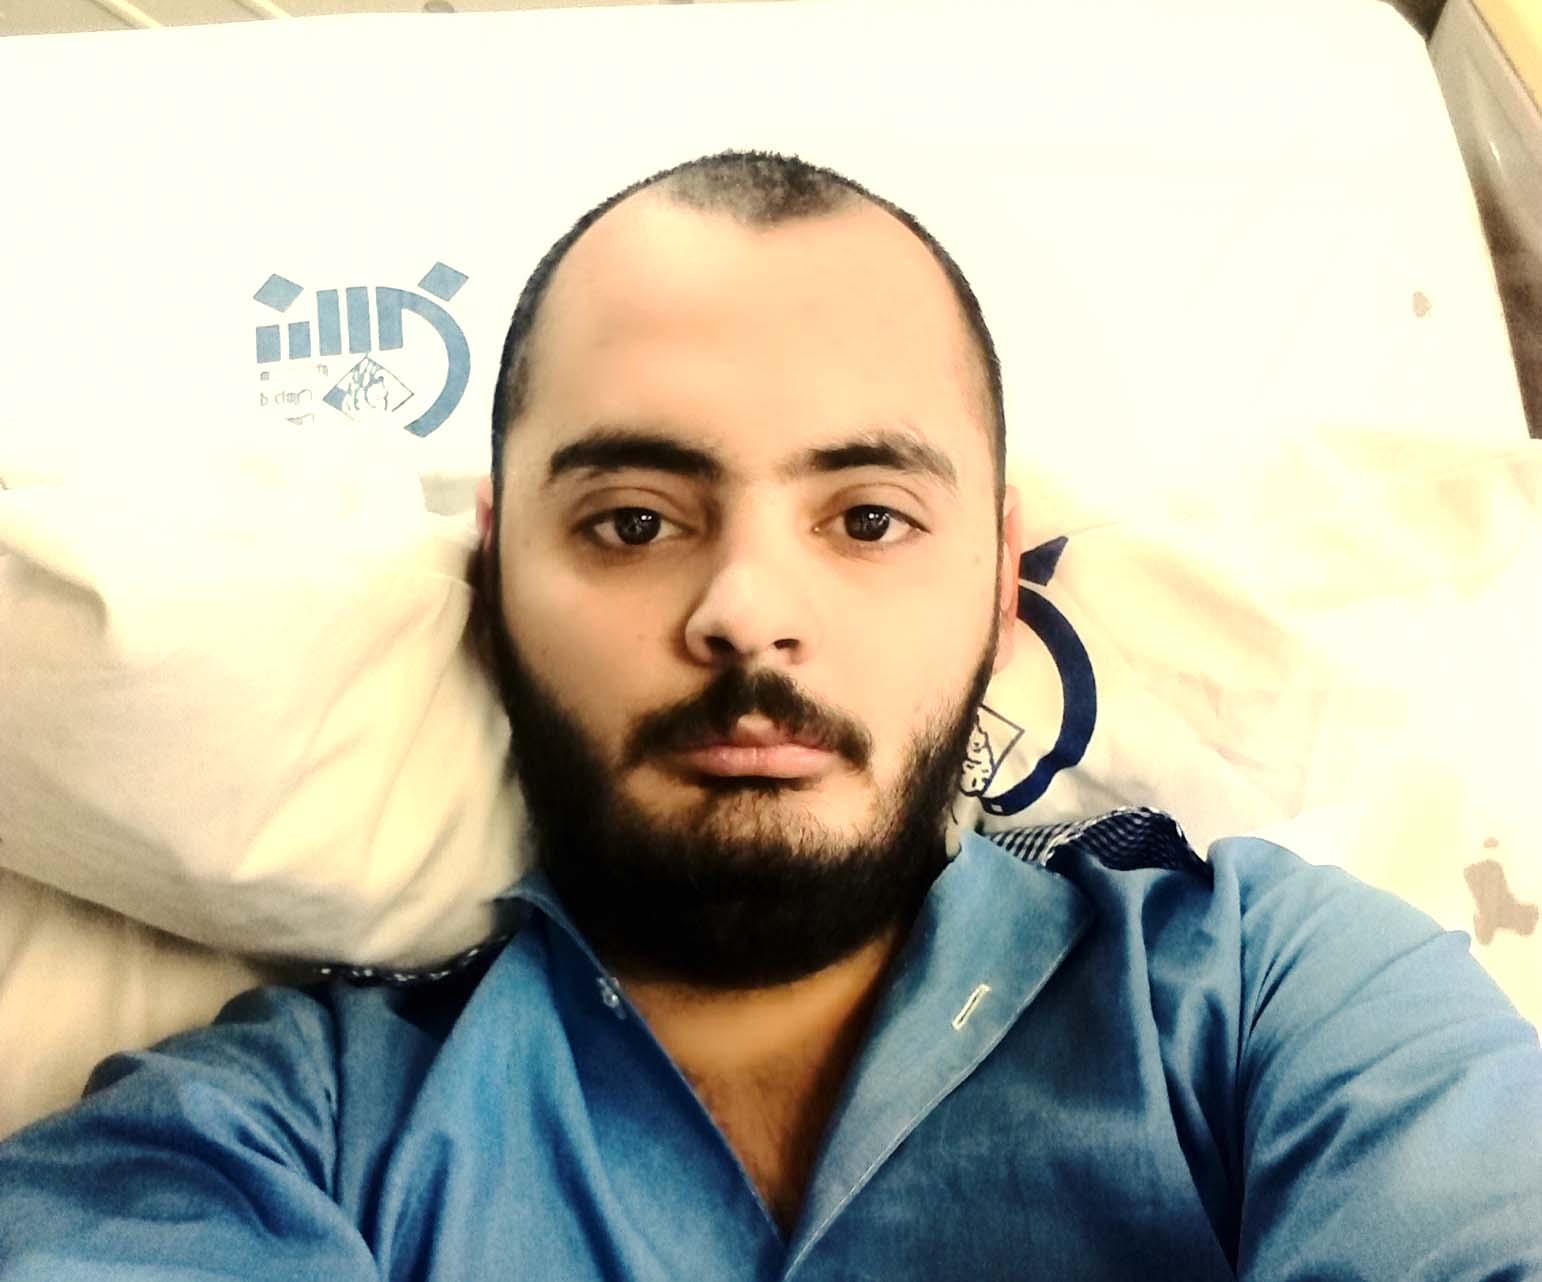 حکم نهایی رحیم جعفری؛ هیجده ماه حبس تعزیری